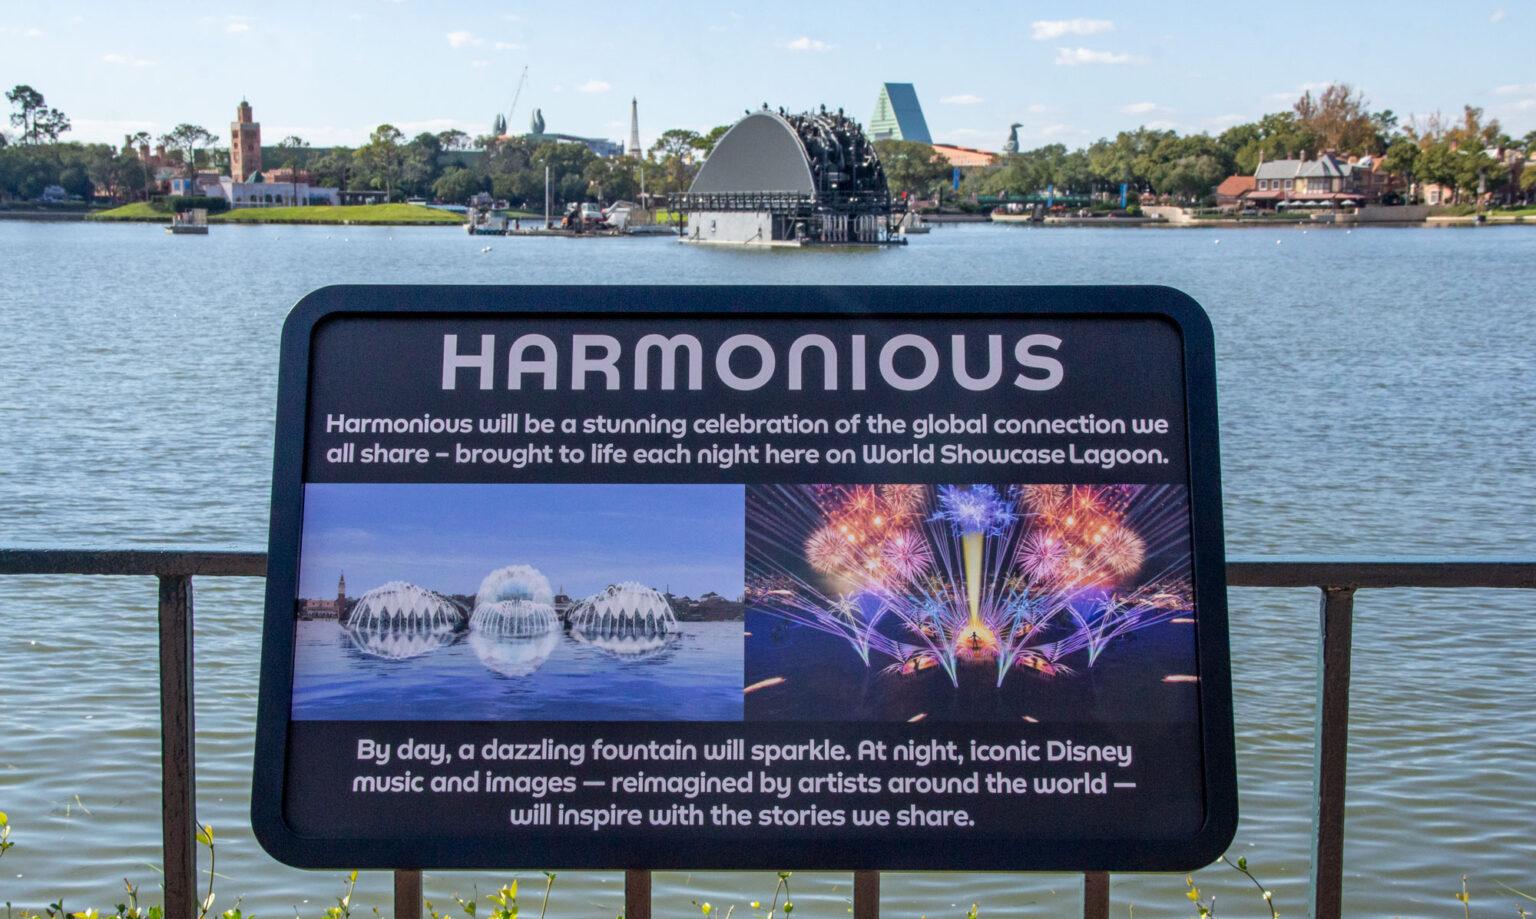 Epcot-Harmonius-Barges-signage-1536x919.jpg